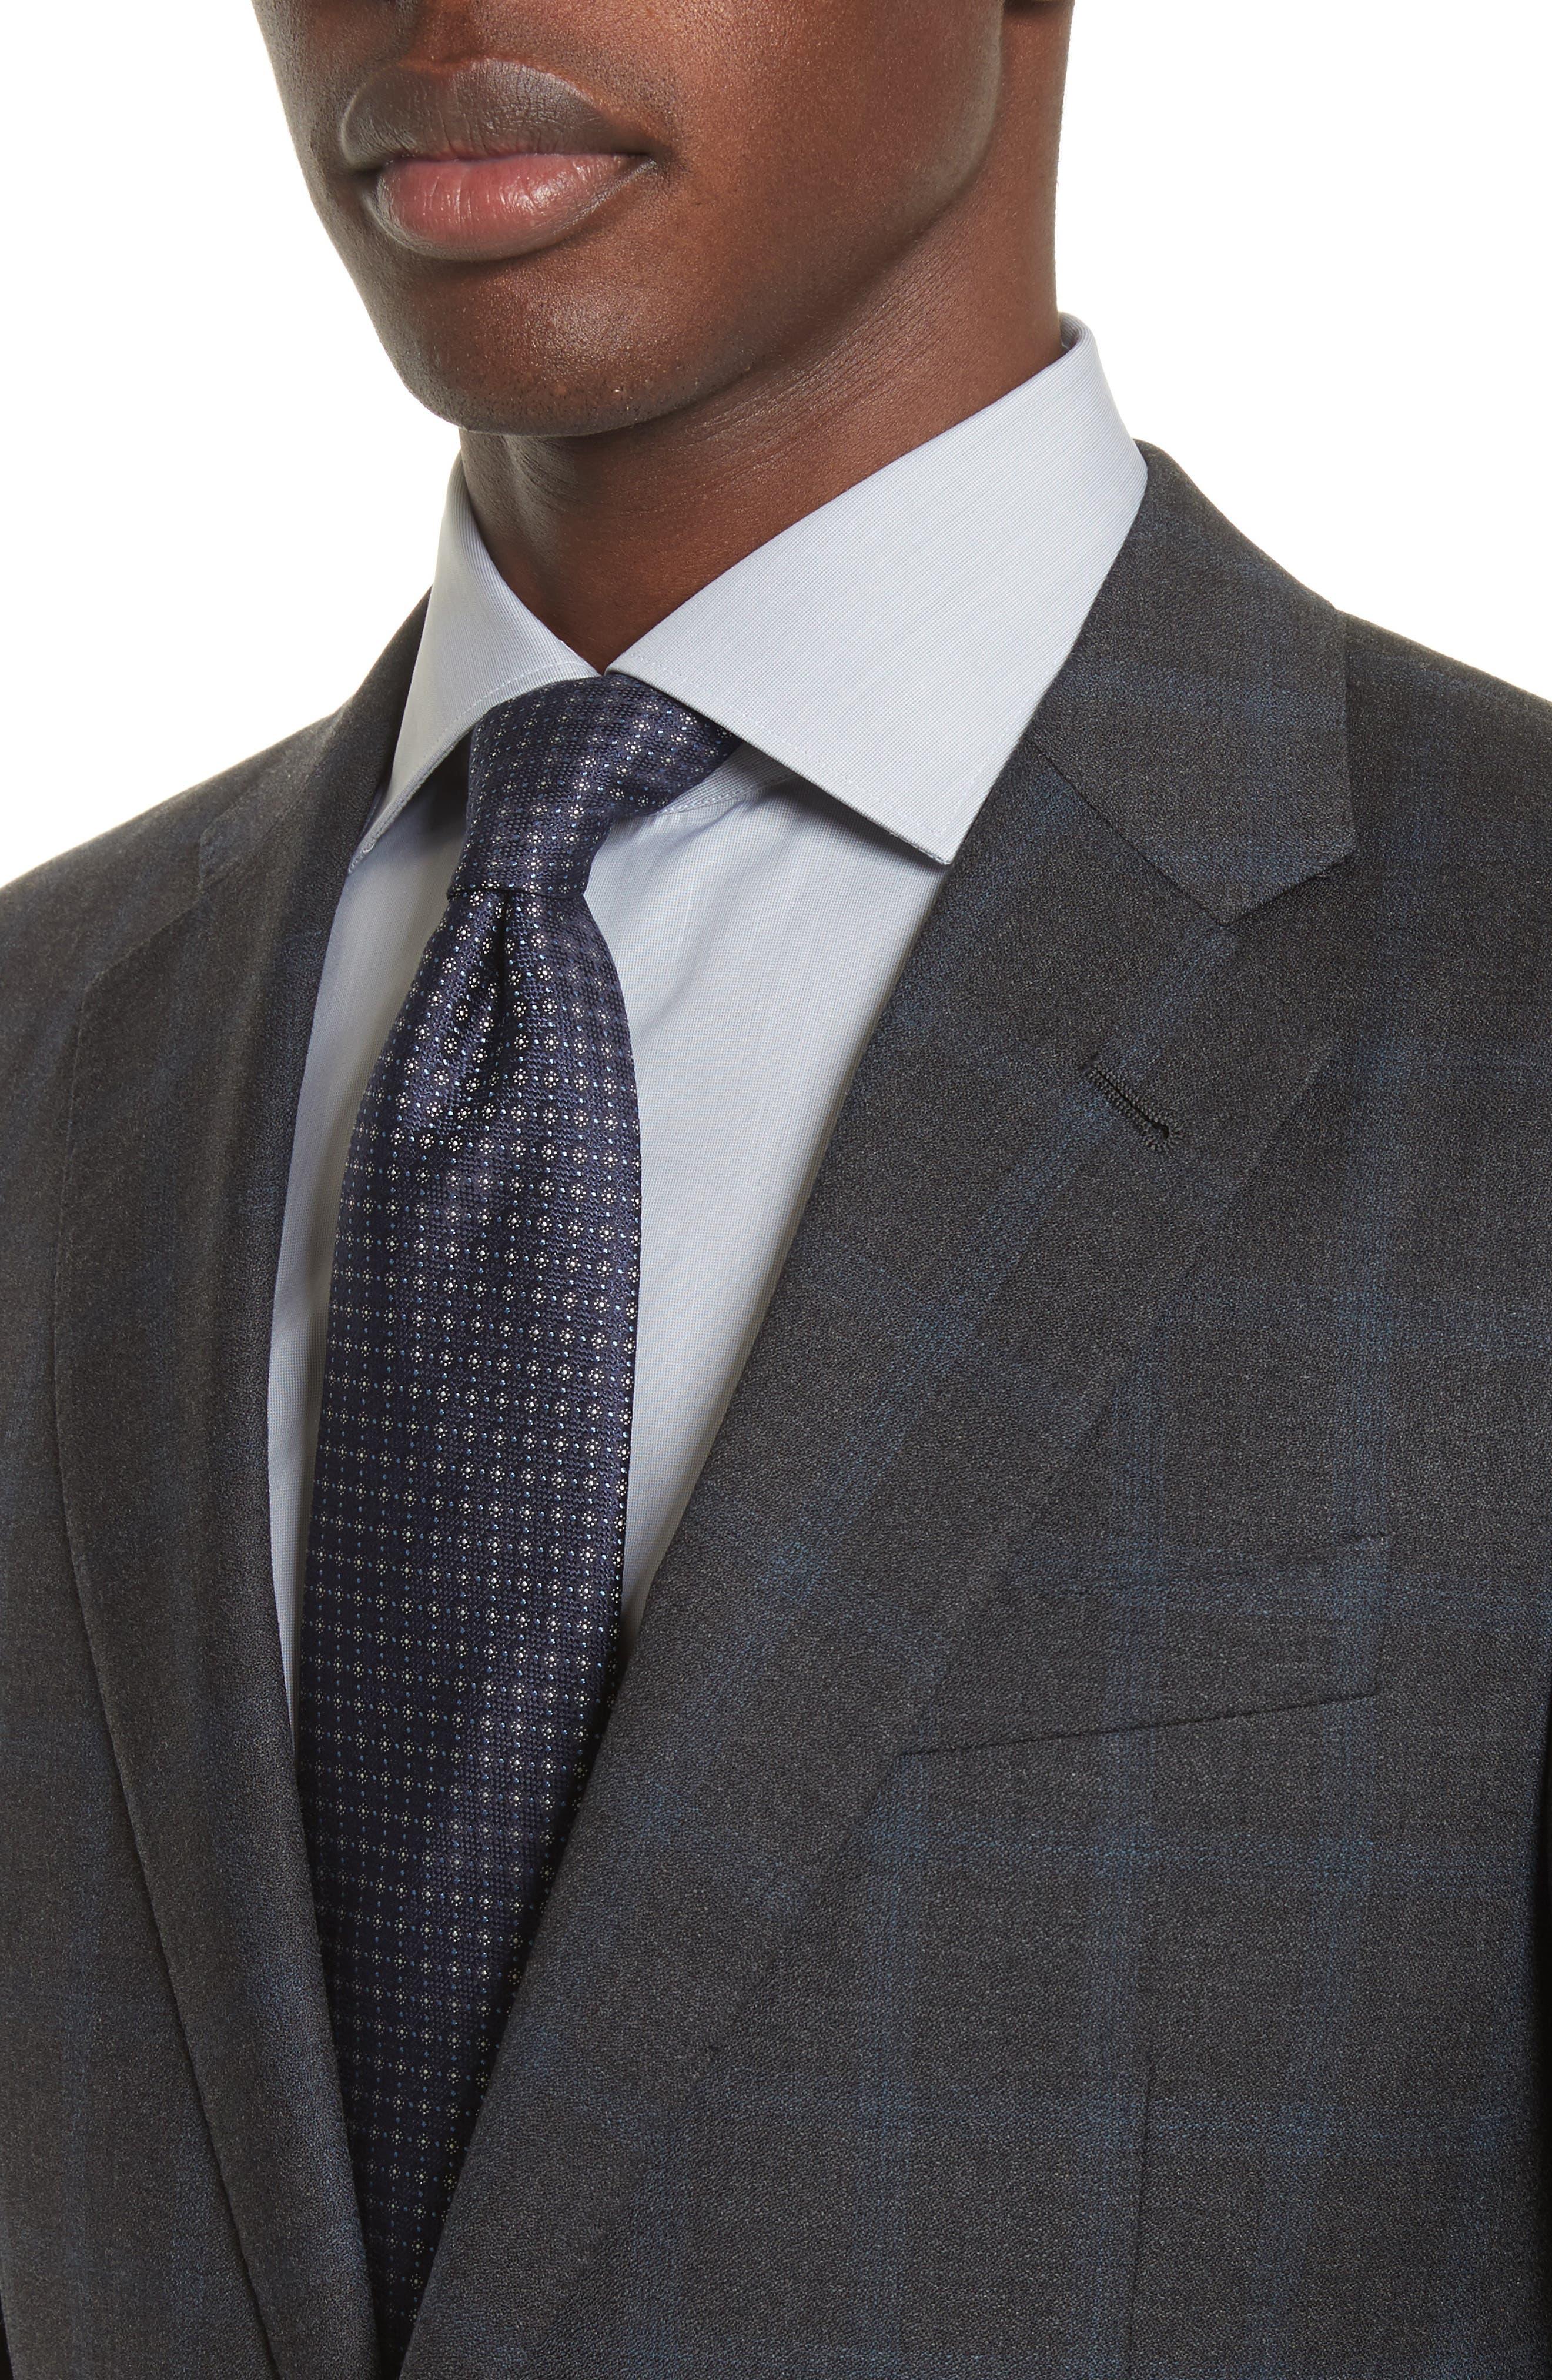 G-Line Trim Fit Plaid Wool Suit,                             Alternate thumbnail 4, color,                             Black